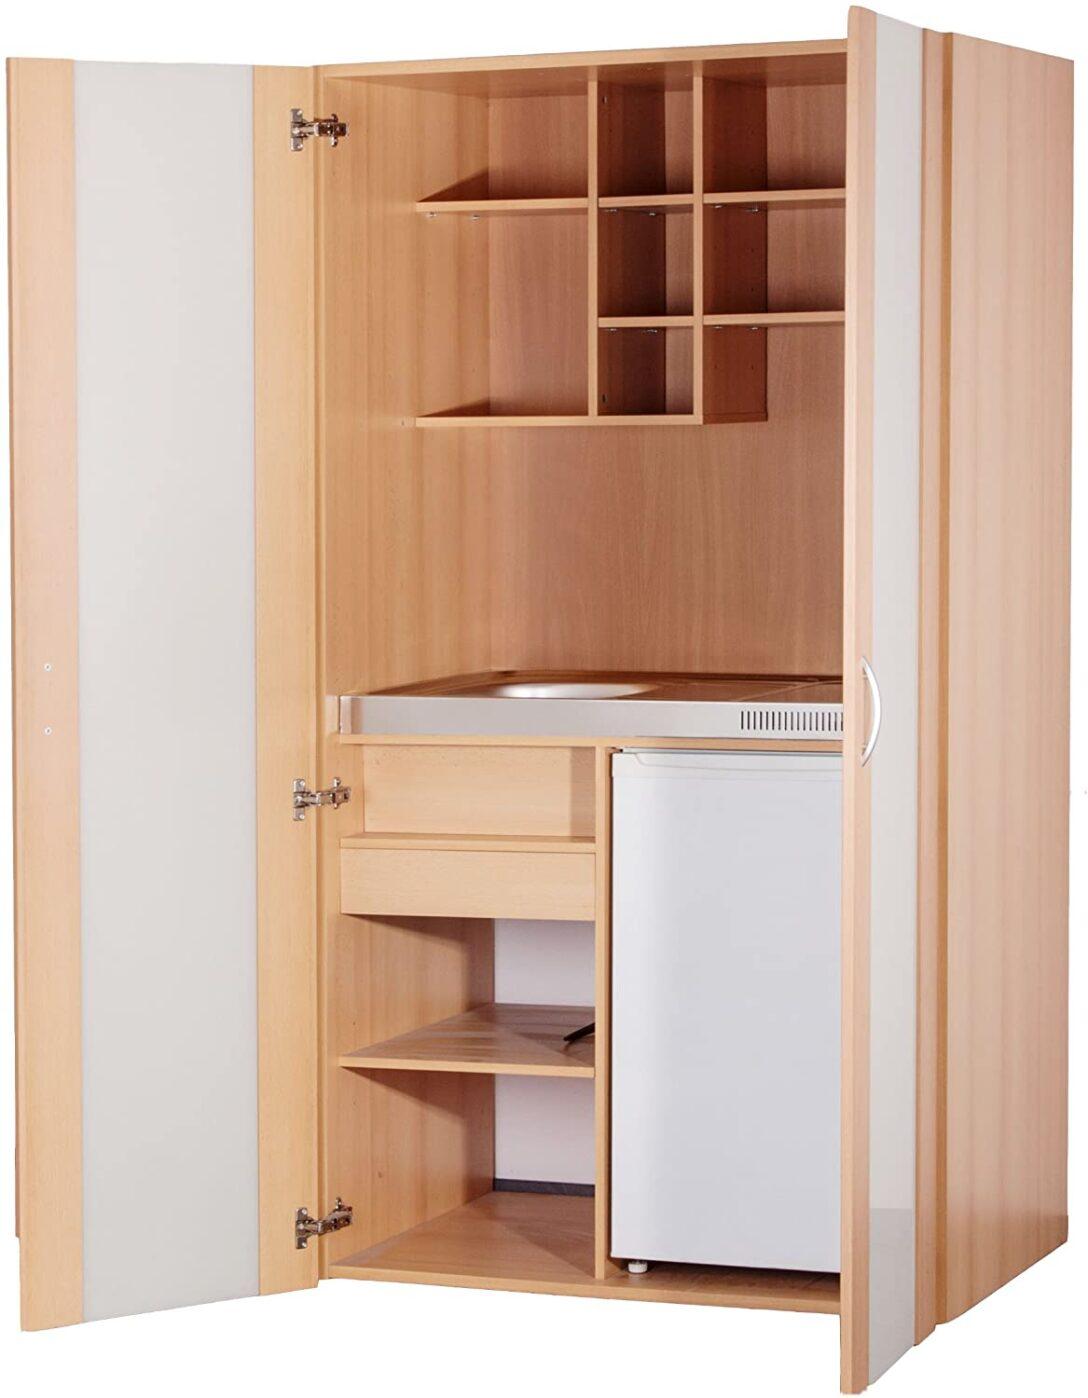 Large Size of Mk0009s Kche Modulküche Ikea Küche Kaufen Sofa Mit Schlaffunktion Kosten Miniküche Betten 160x200 Bei Wohnzimmer Schrankküchen Ikea